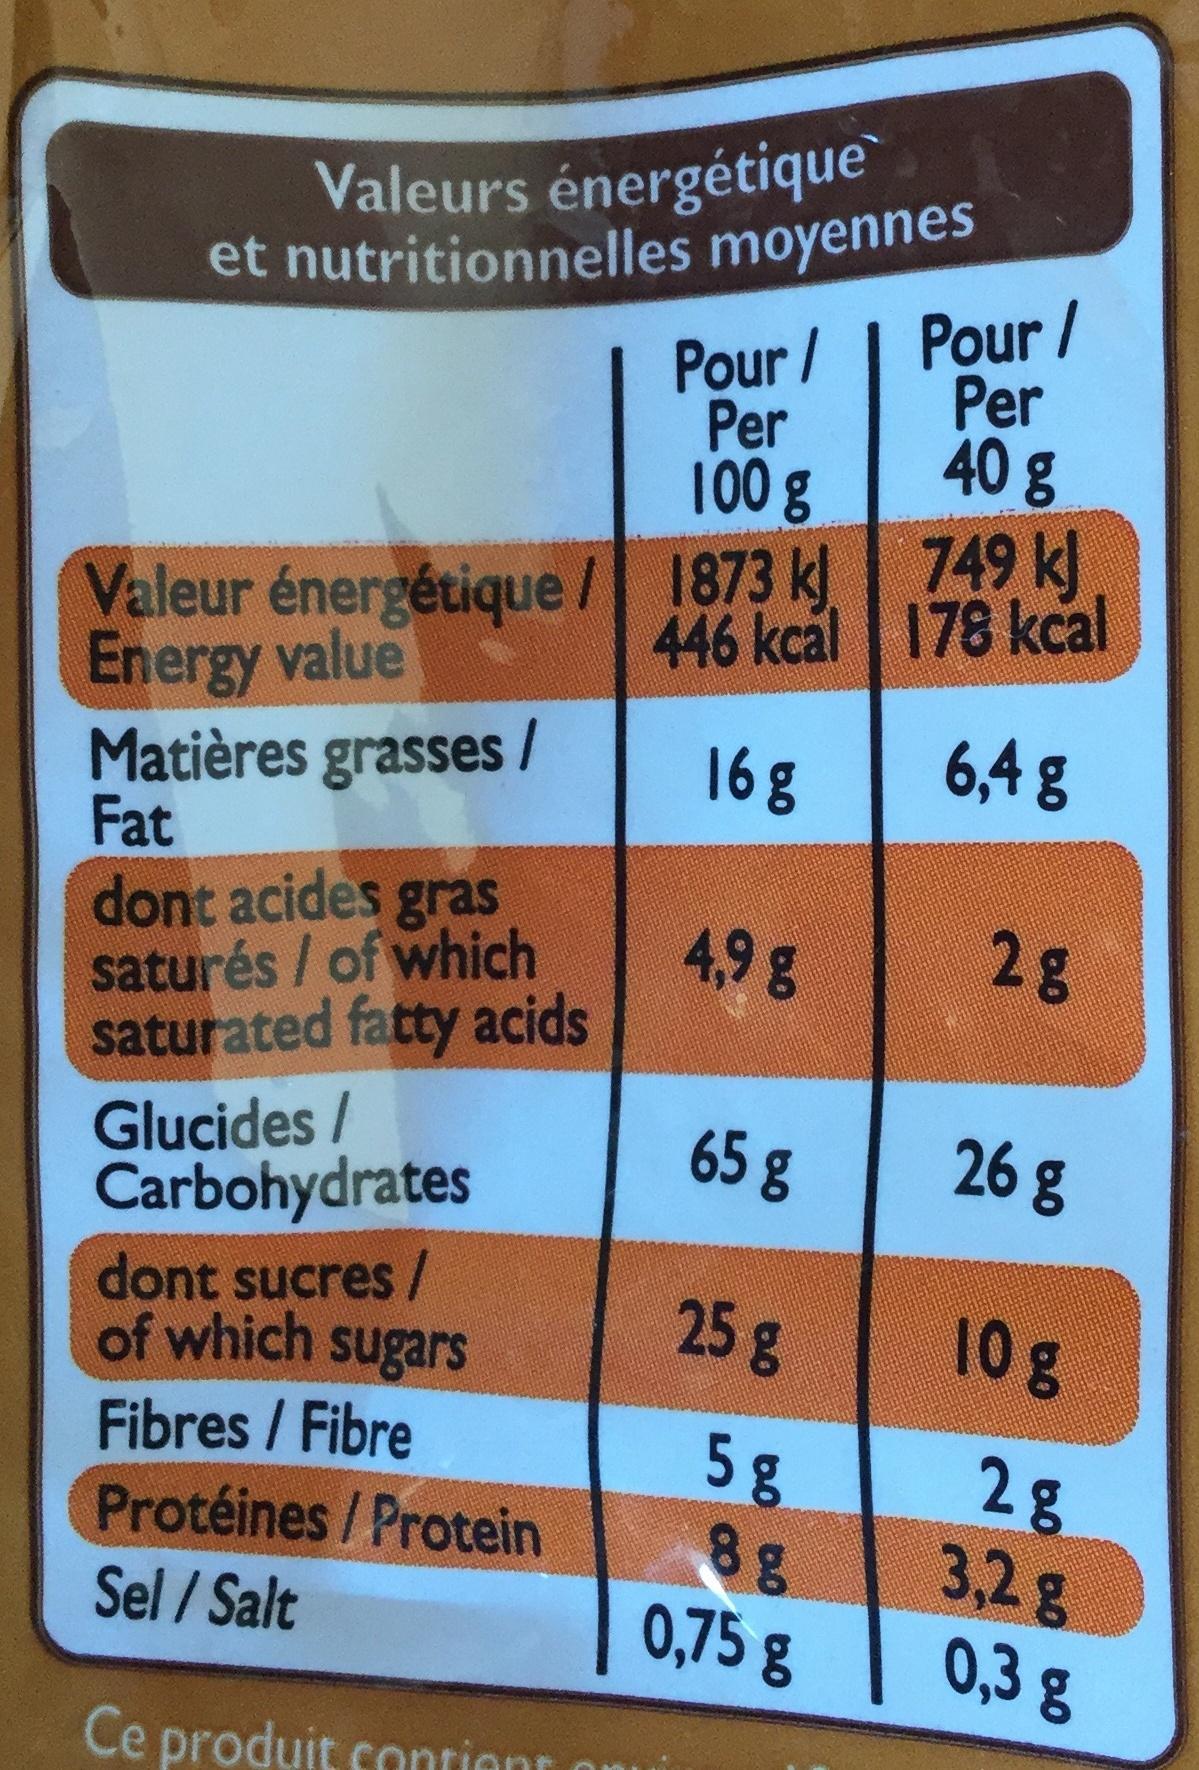 Muesli croustillant aux 3 chocolats - Informations nutritionnelles - fr